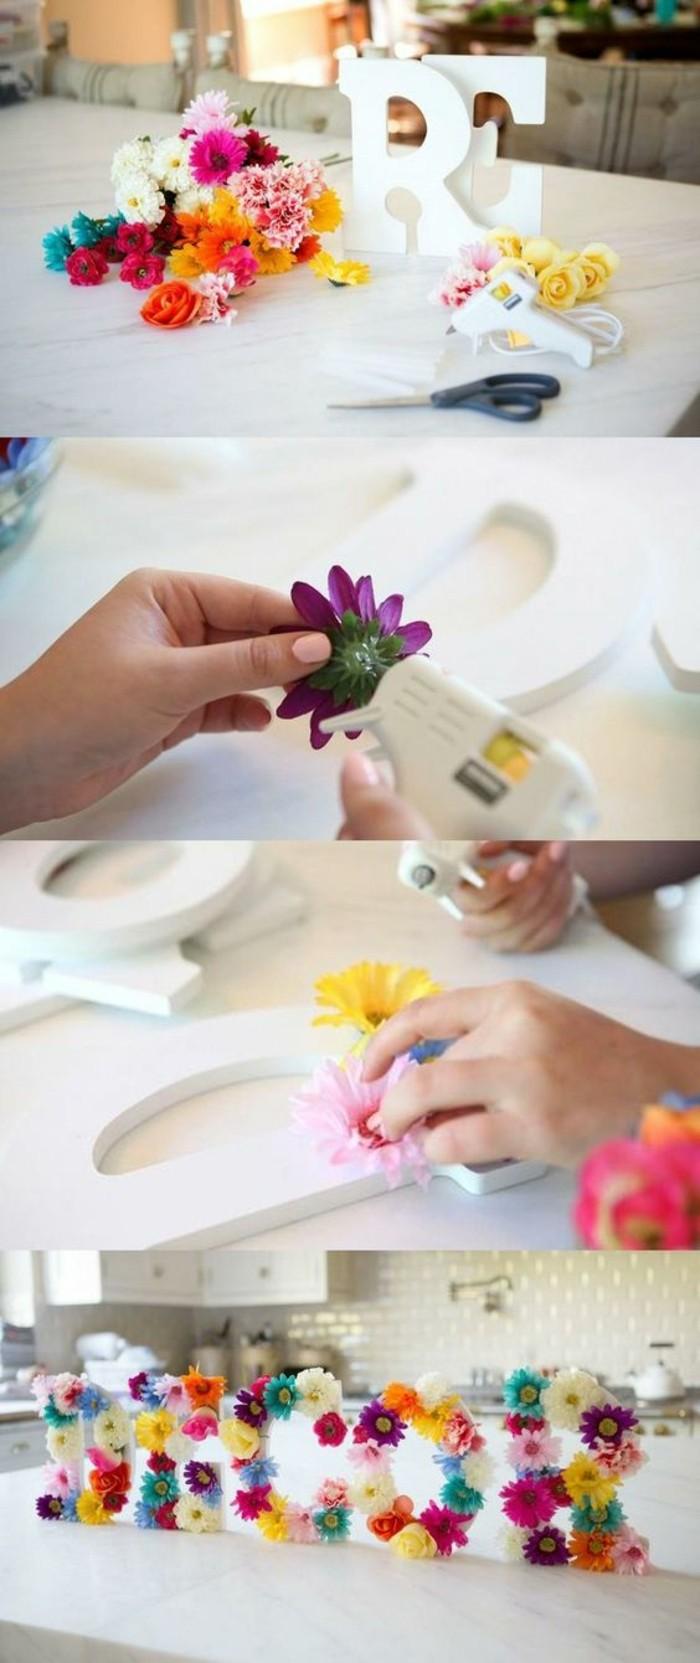 deco-florale-grandes-lettres-fleuries-pour-decorer-sa-cuisine-idée-activité-créative-de-printemps-à-réaliser-soi-meme